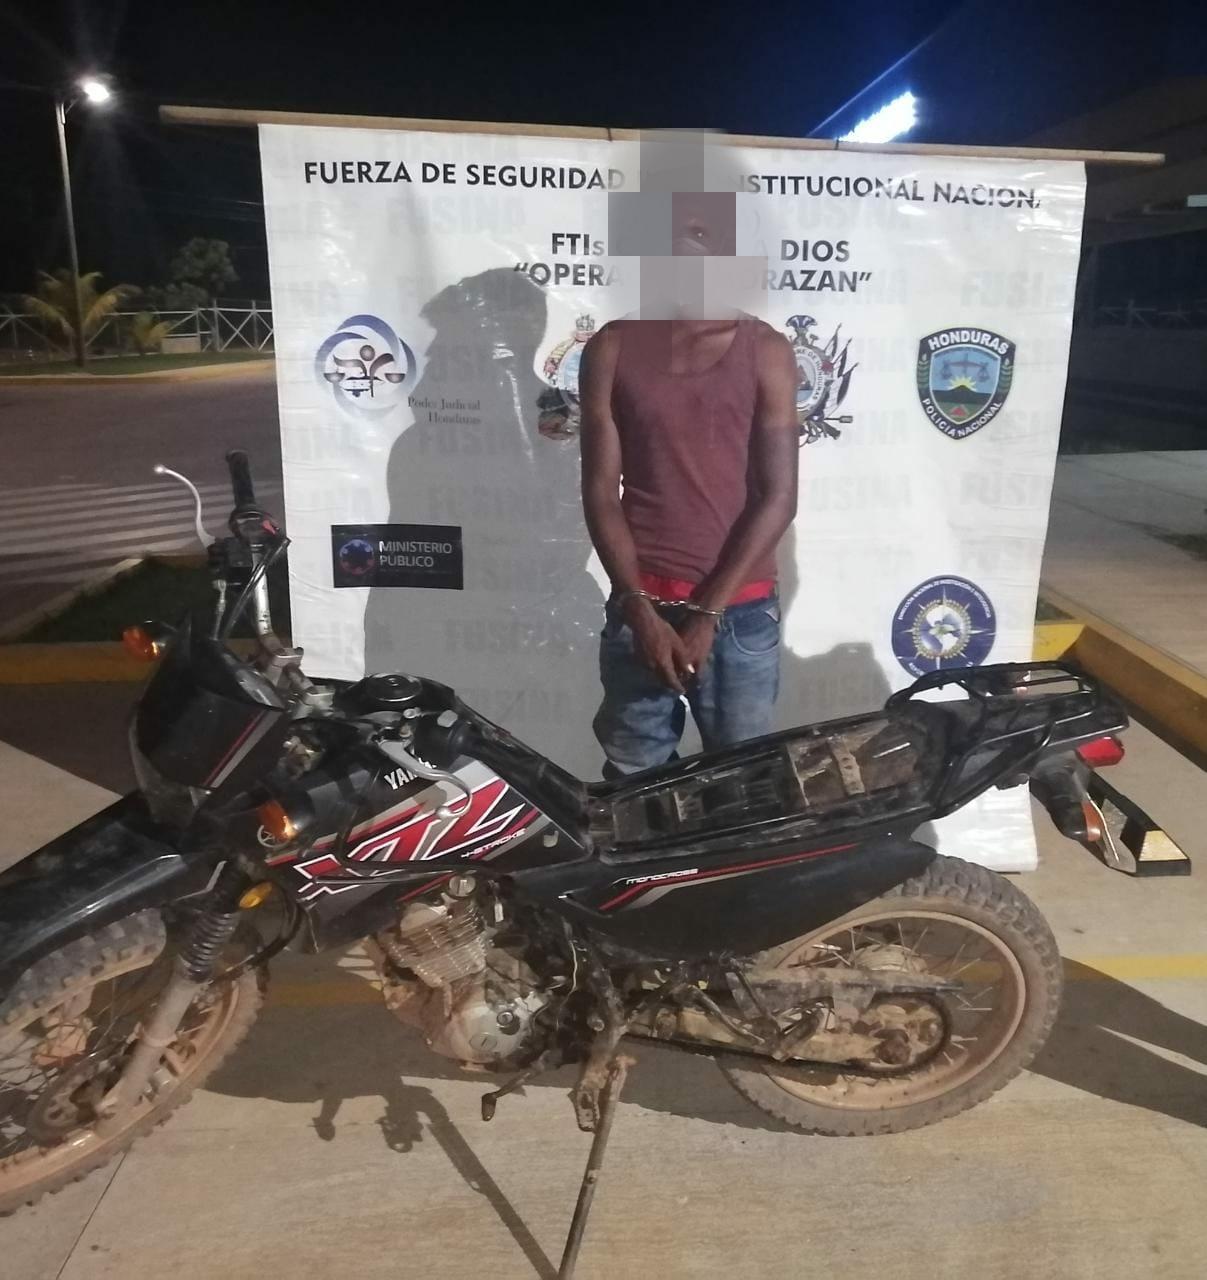 Con motocicleta  con reporte de robo cae sujeto   en Puerto Lempira